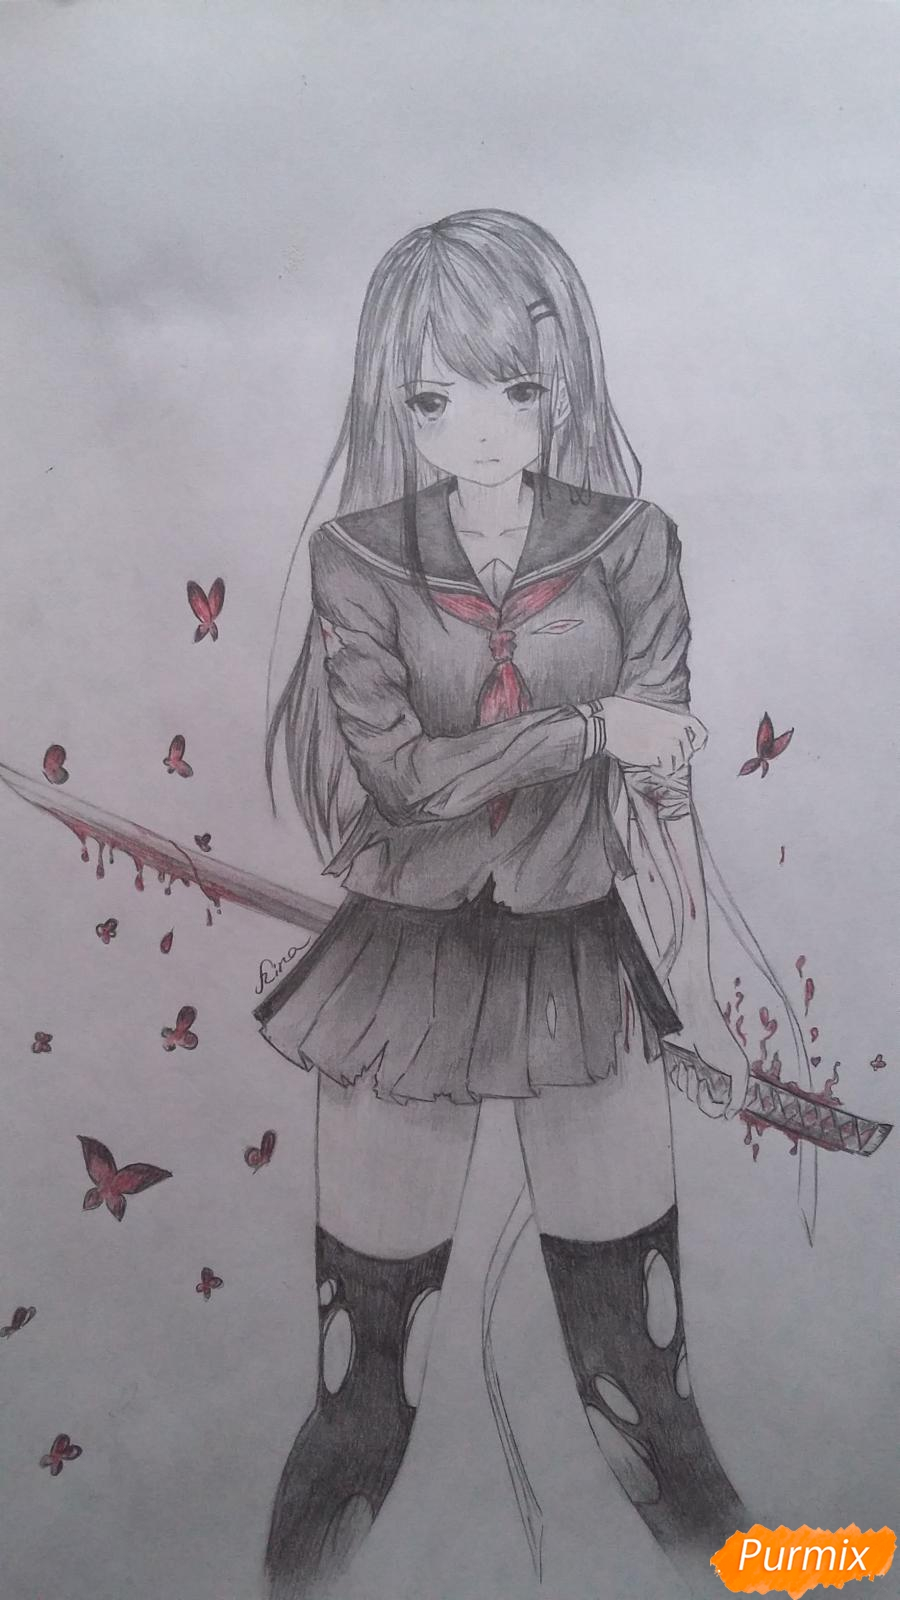 Как нарисовать девушку с катаной в аниме стиле карандашом поэтапно